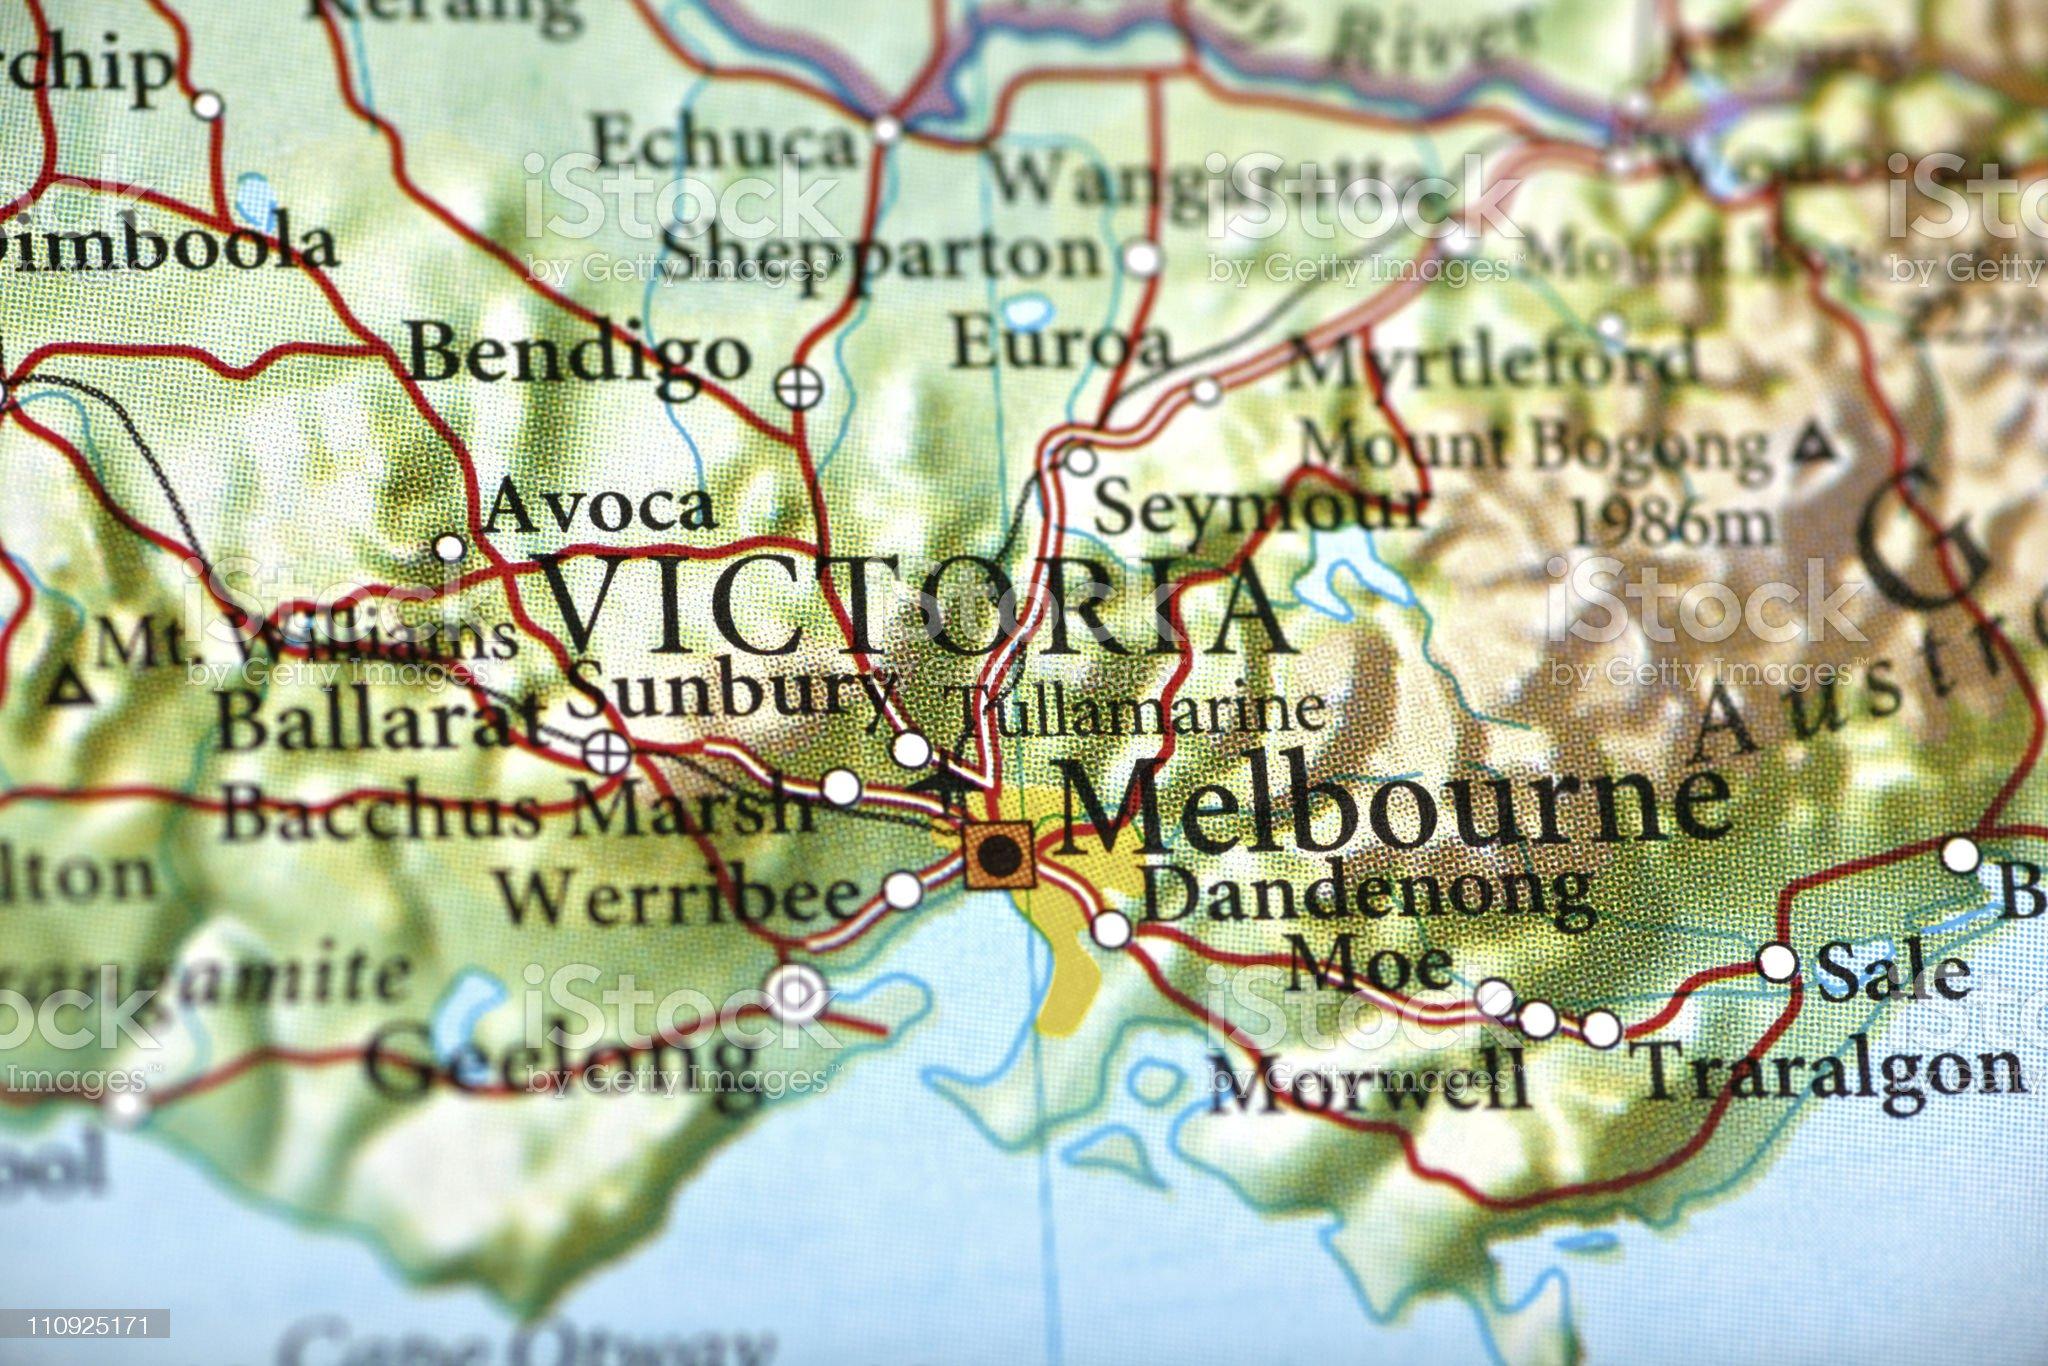 Melbourne, Australia royalty-free stock photo